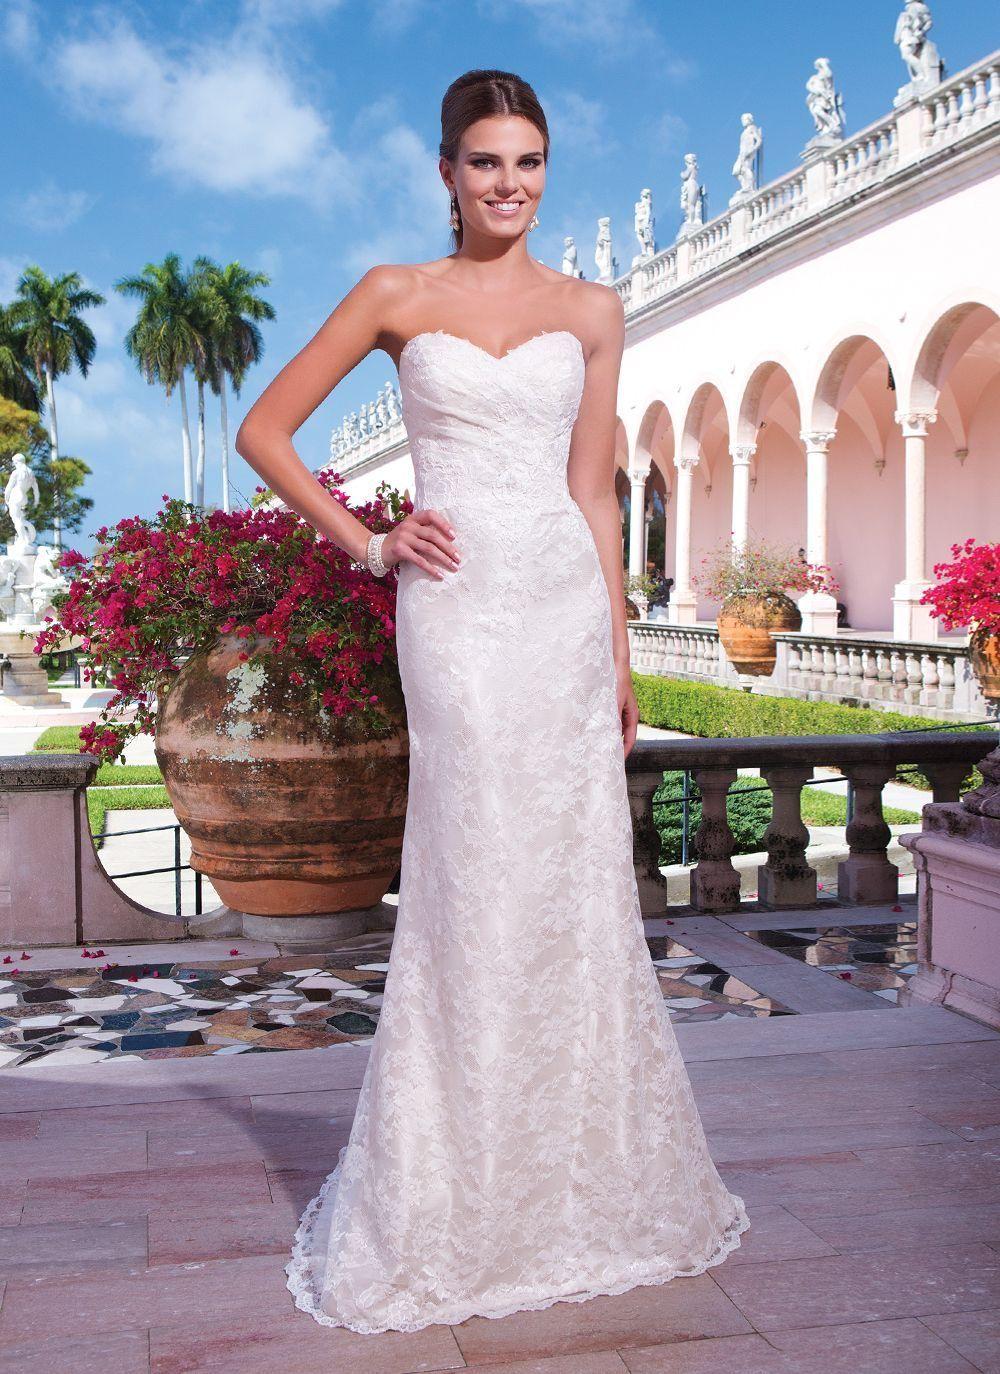 Joanna's Bridal Boutique Danville, CA